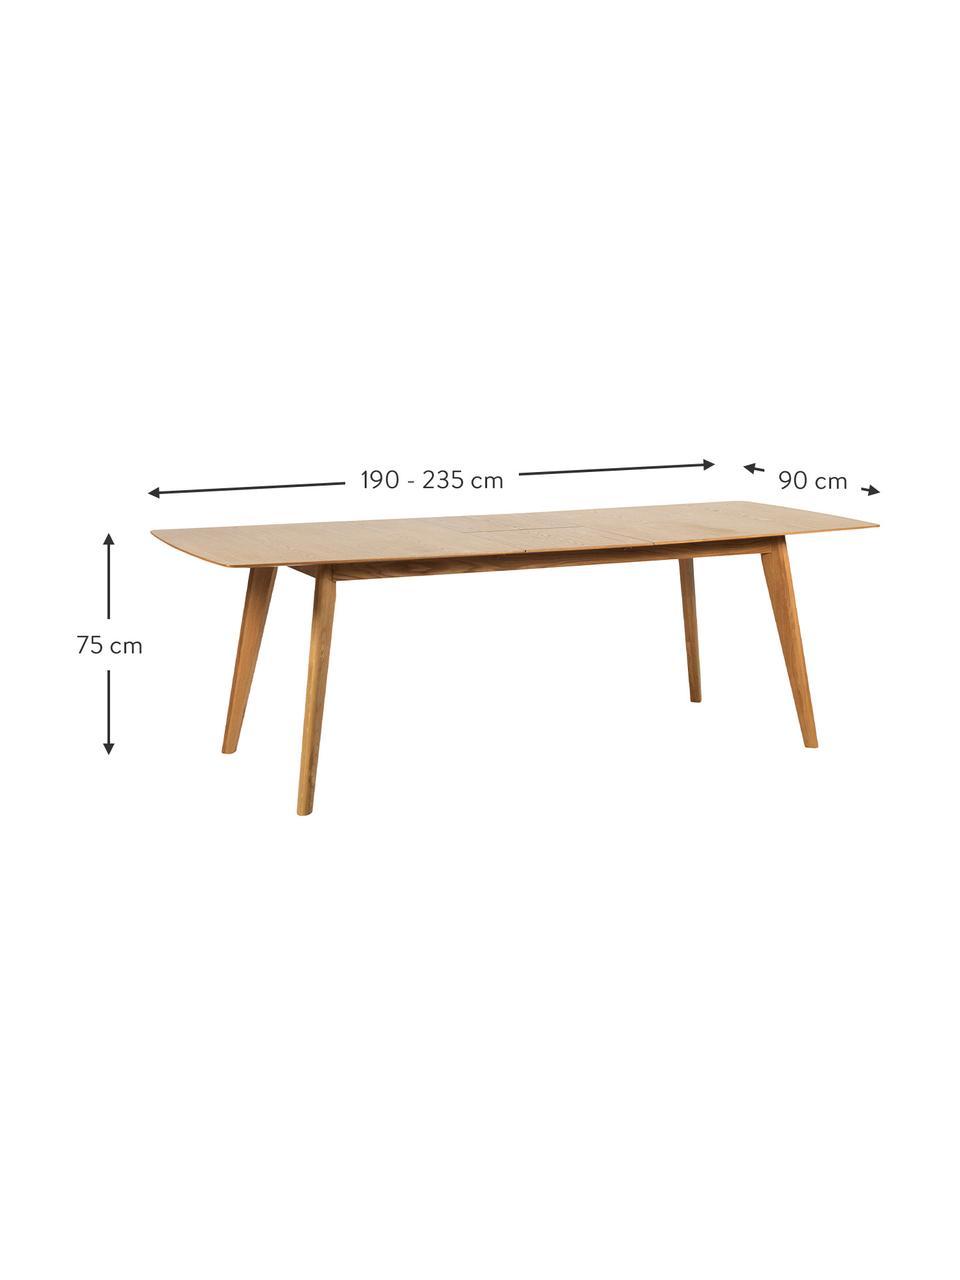 Stół rozkładany do jadalni Cirrus, Blat: płyta pilśniowa średniej , Nogi: drewno dębowe, lakierowan, Drewno dębowe, matowy, S 190 - 235 x G 90 cm